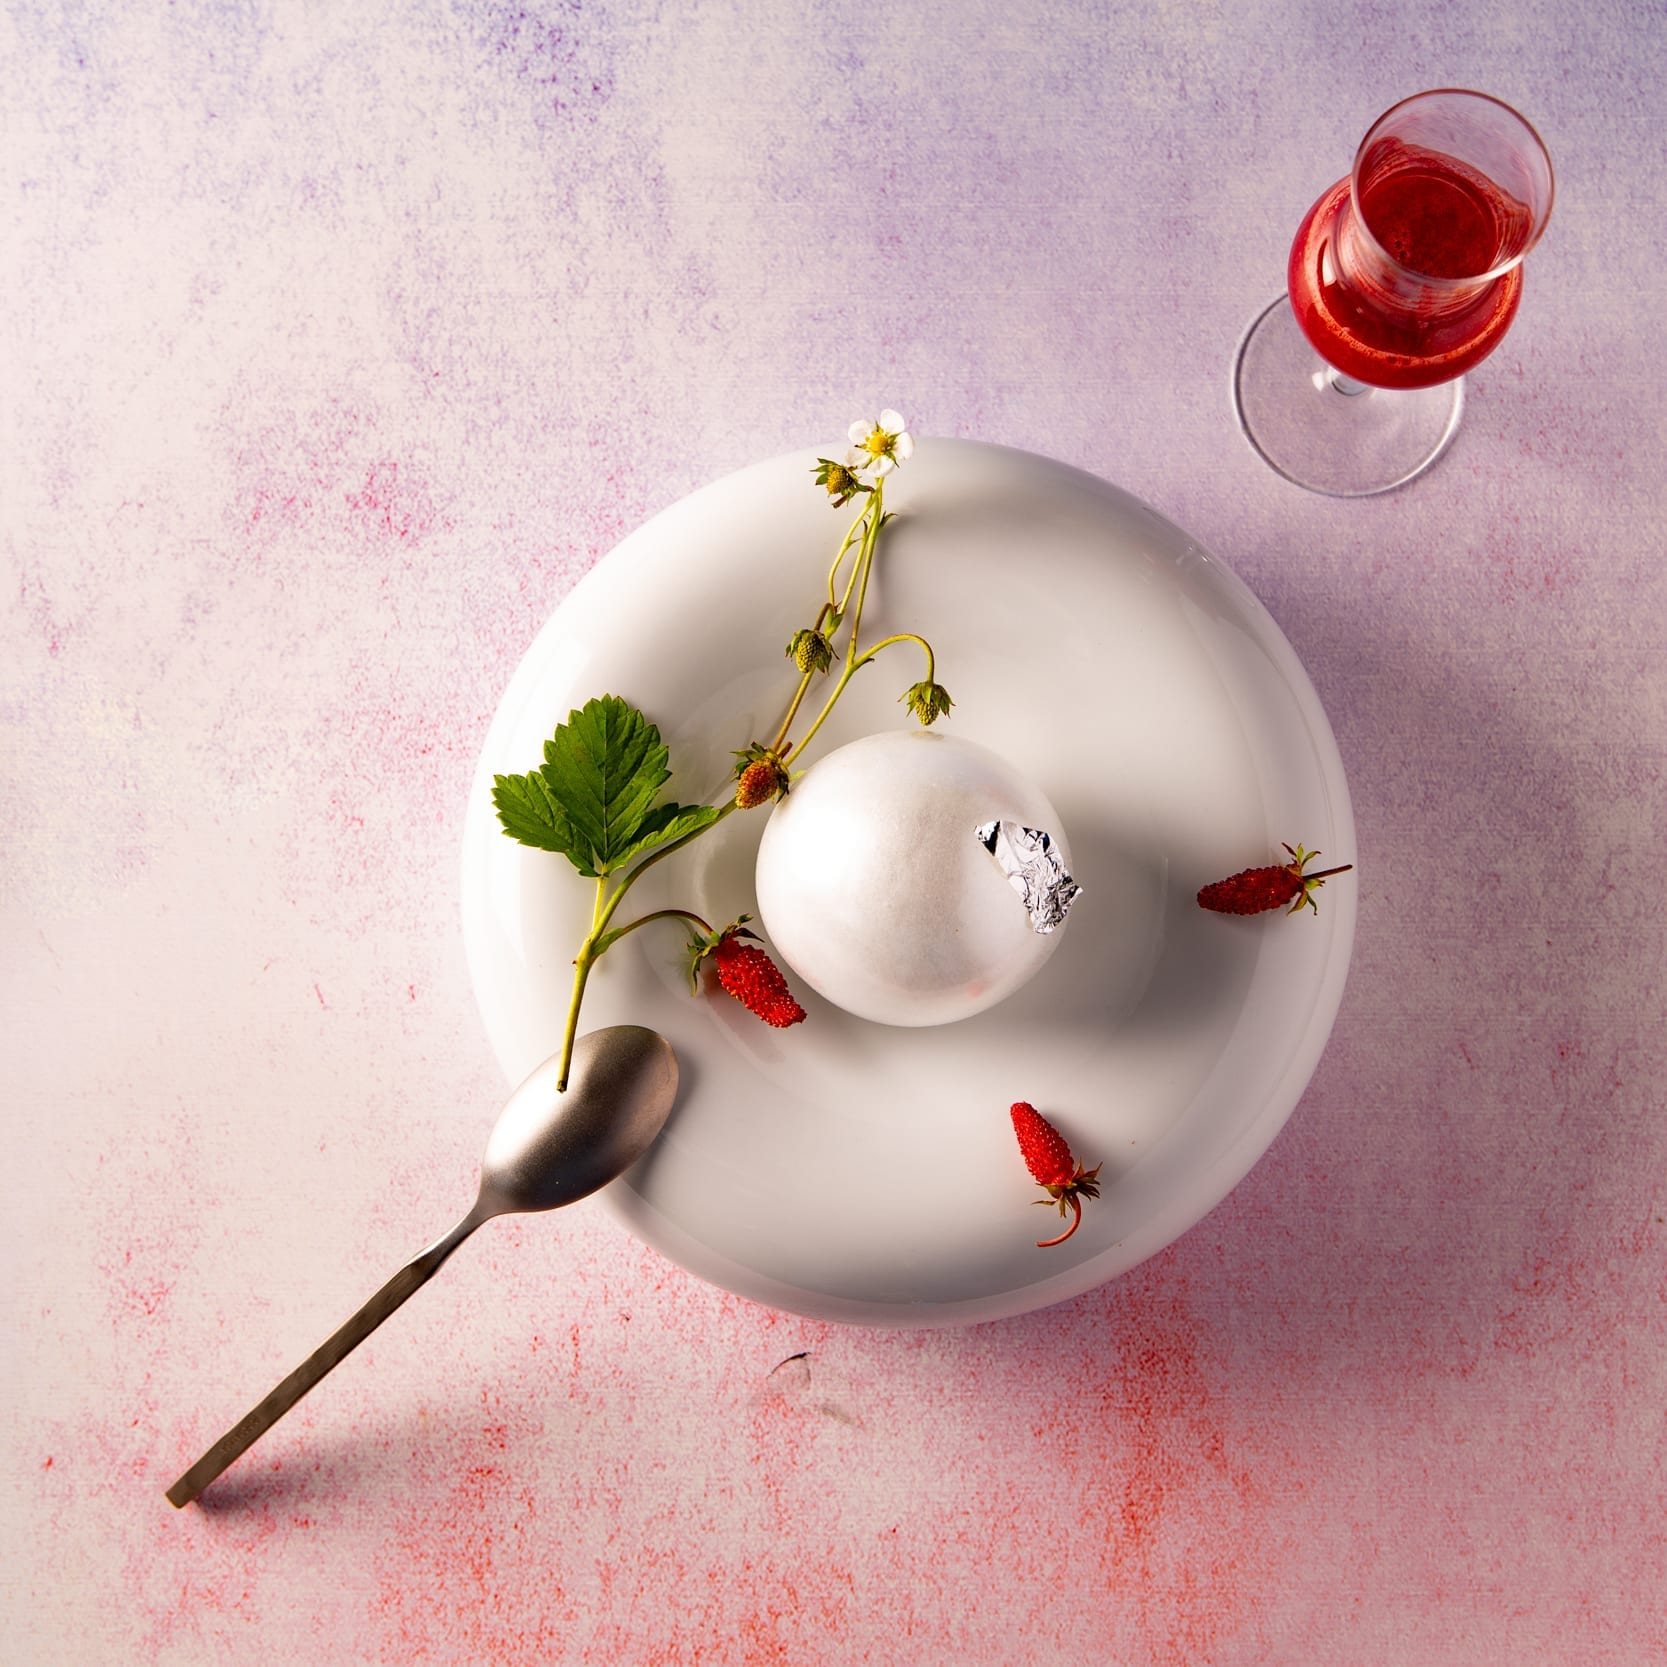 Dessert inspiré d'Espalion